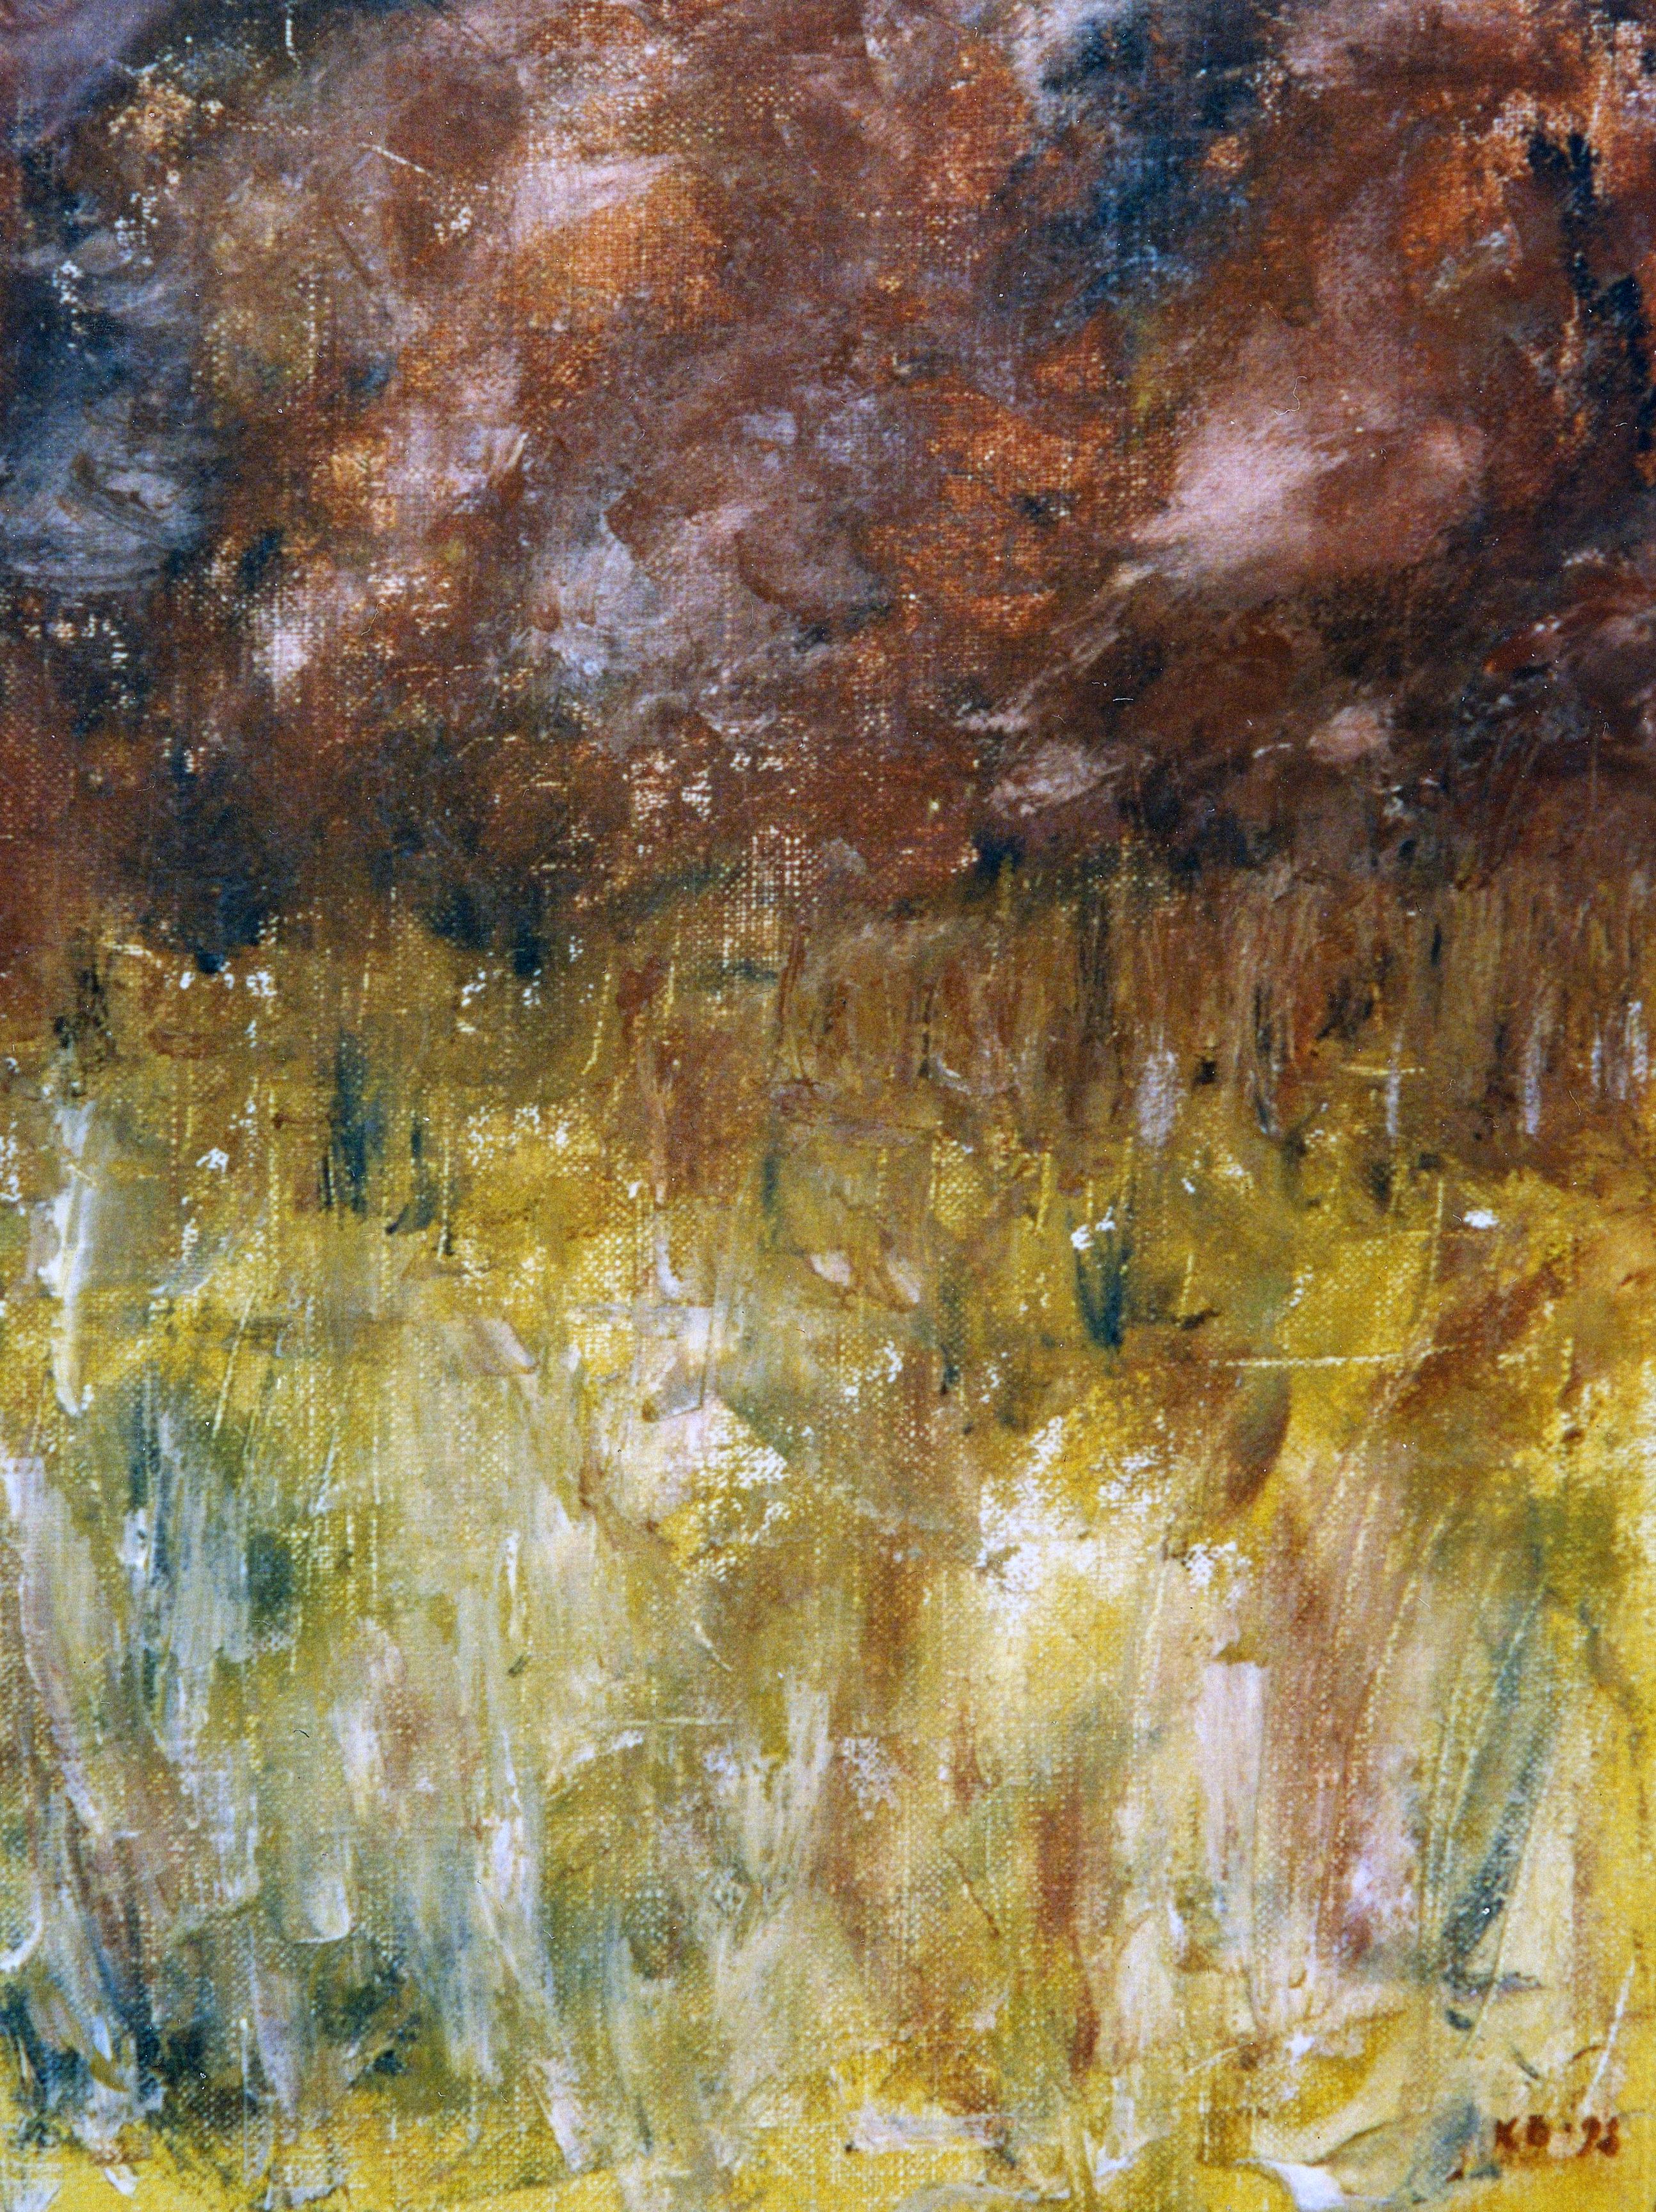 Landskap 30x40cm olja på duk 1998